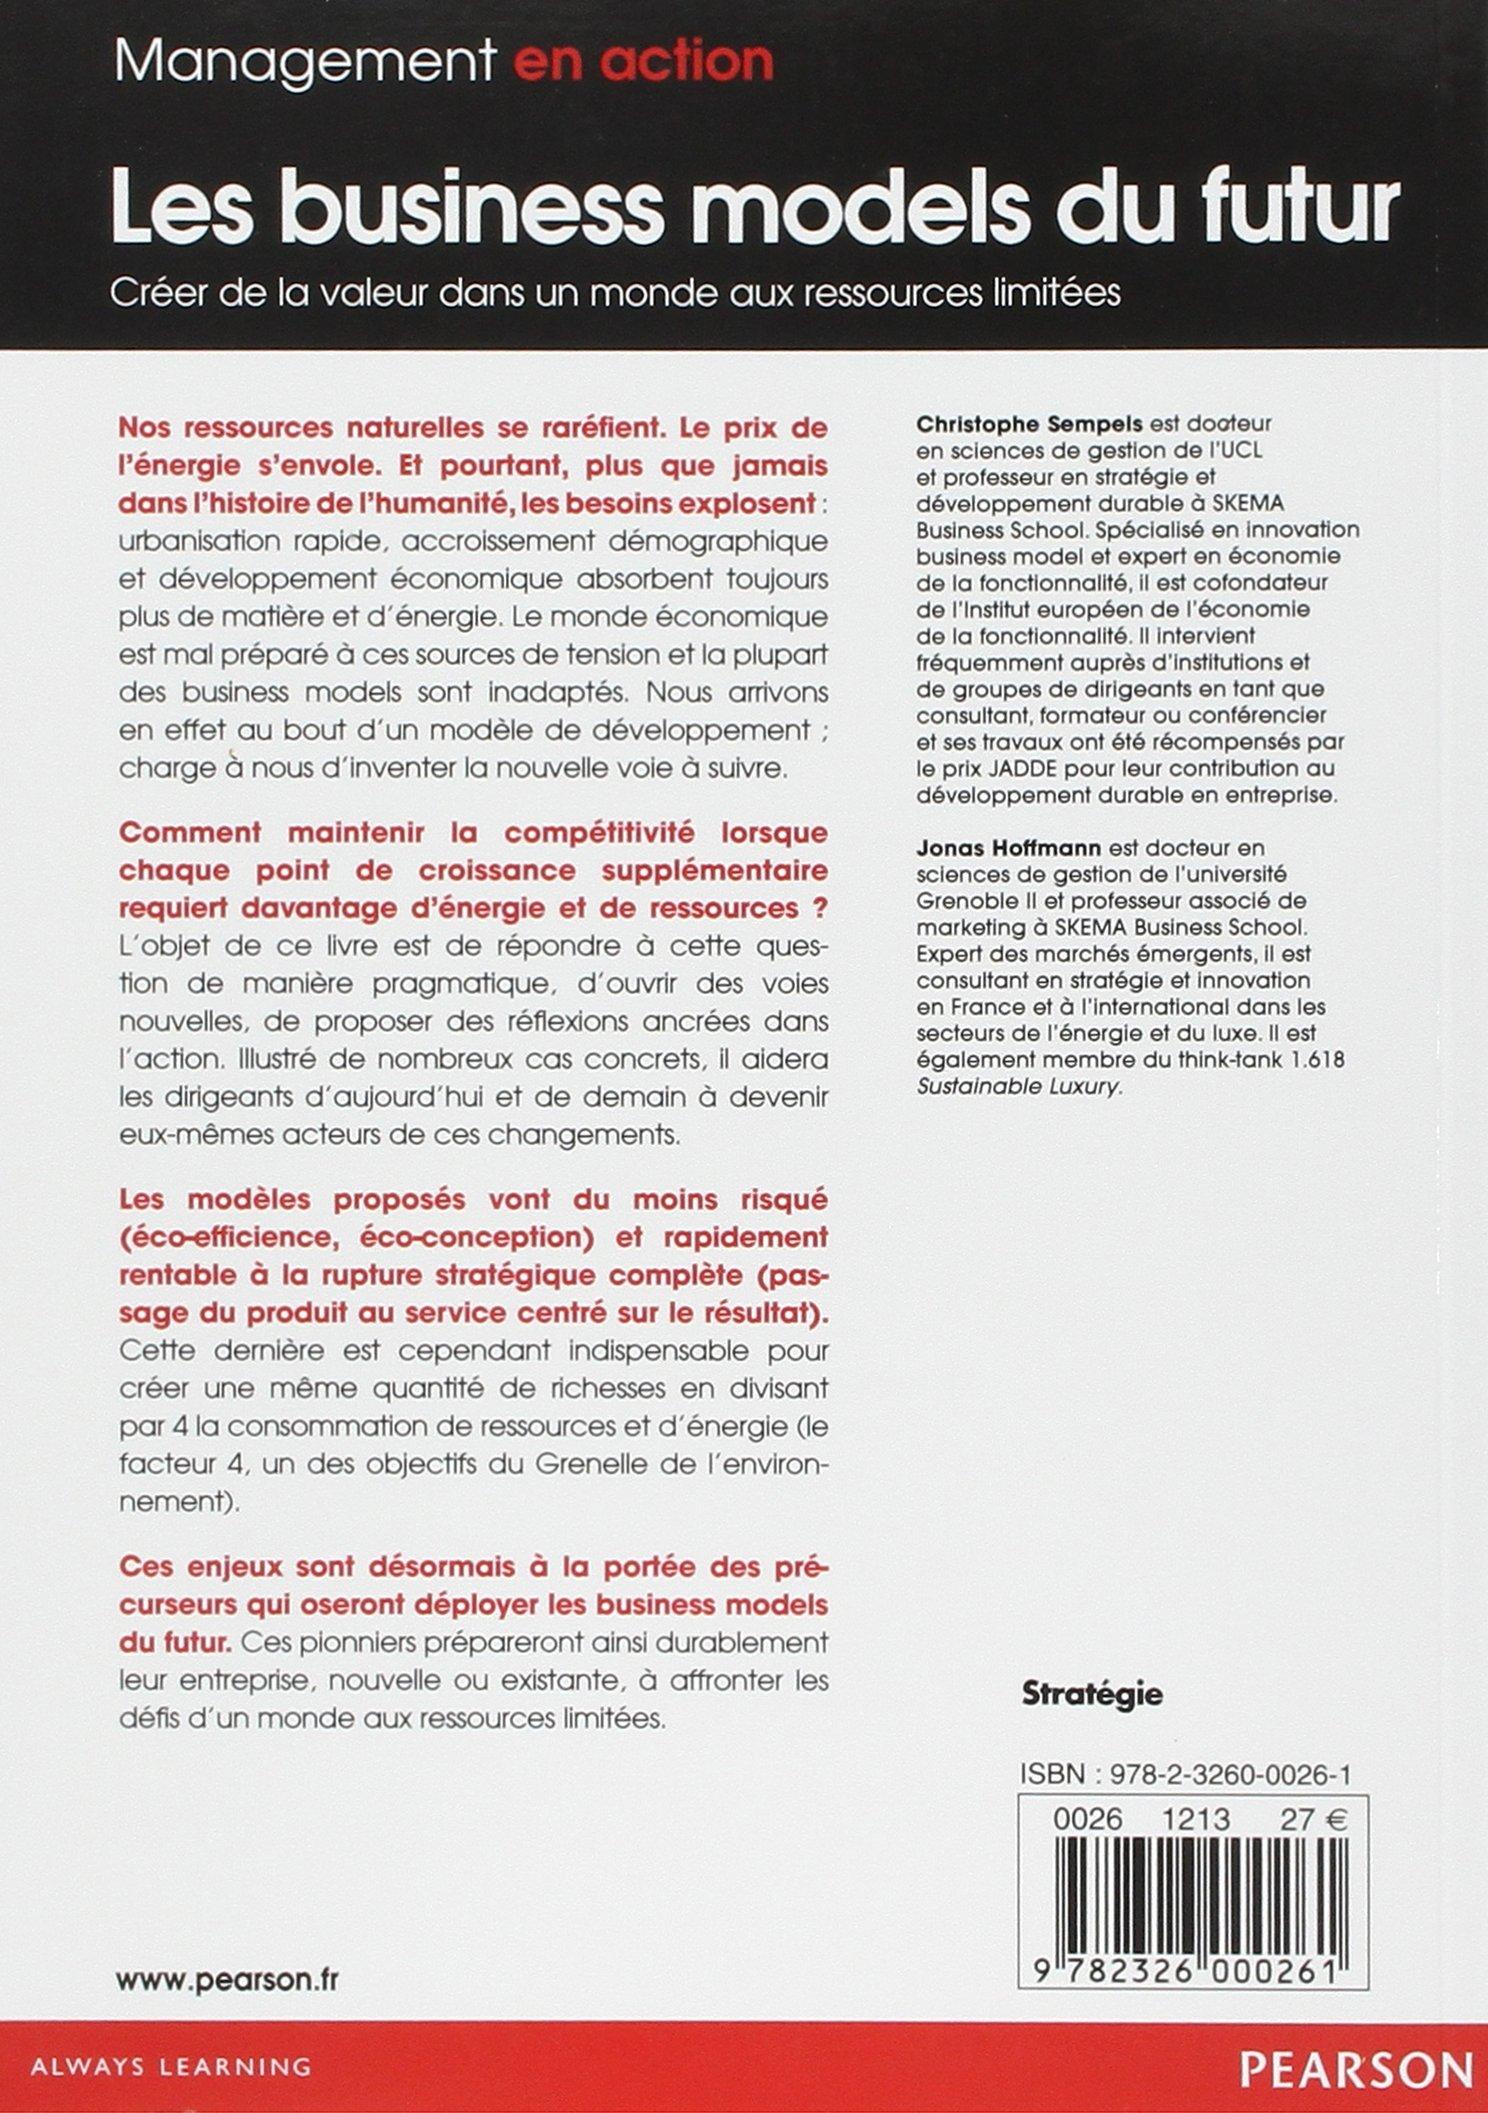 Les Business Models Du Futur: Créer De La Valeur Dans Un Monde Aux  Ressources Limitées: Amazon.ca: Books